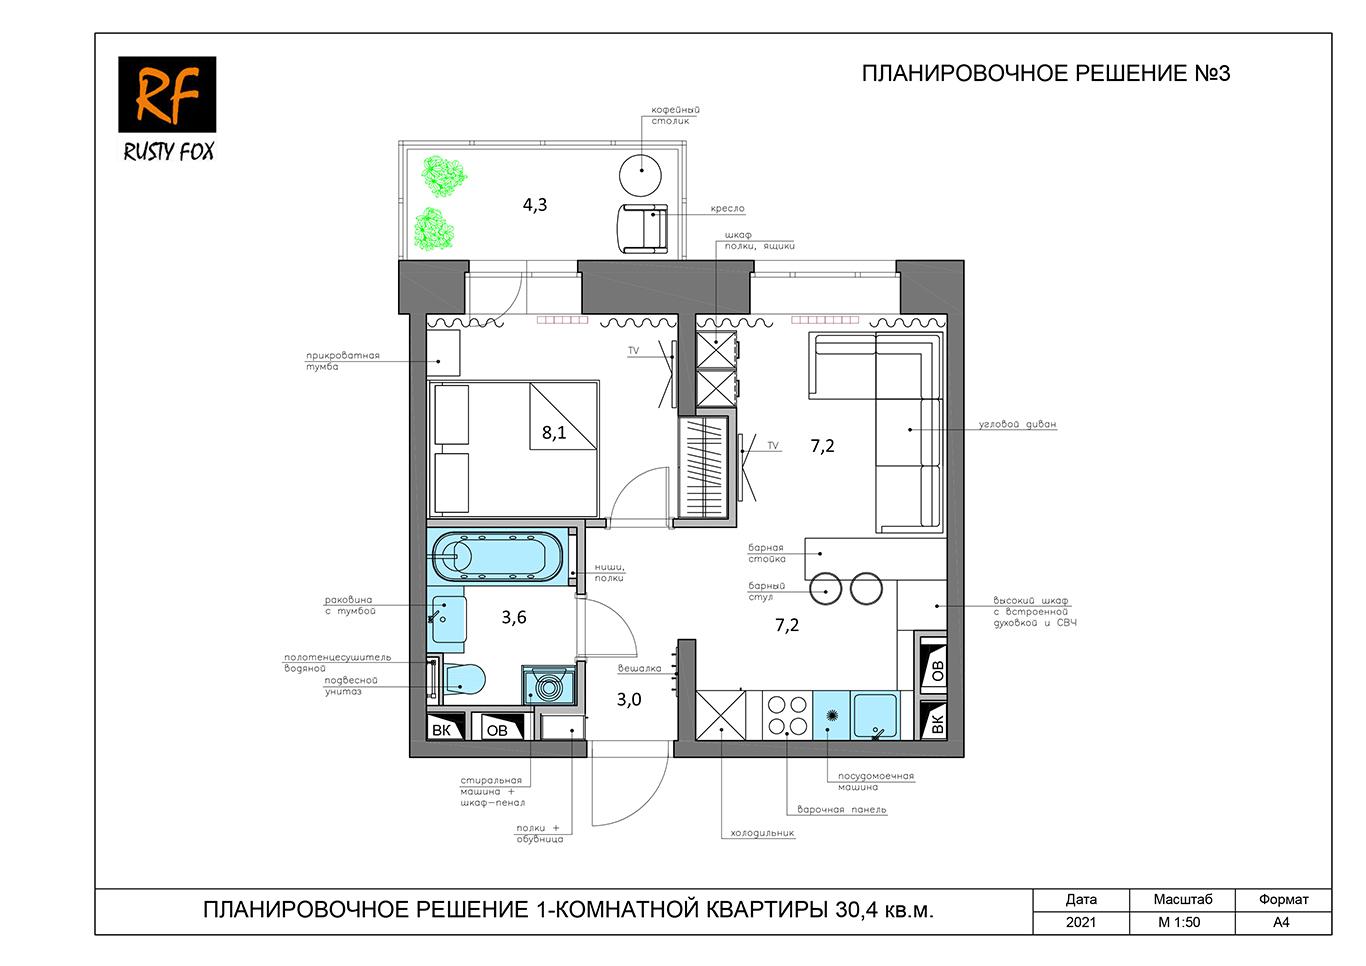 ЖК Люберцы корпус 52, секция 2. Планировочное решение №3 1-комнотной квартира 30,4 кв.м.